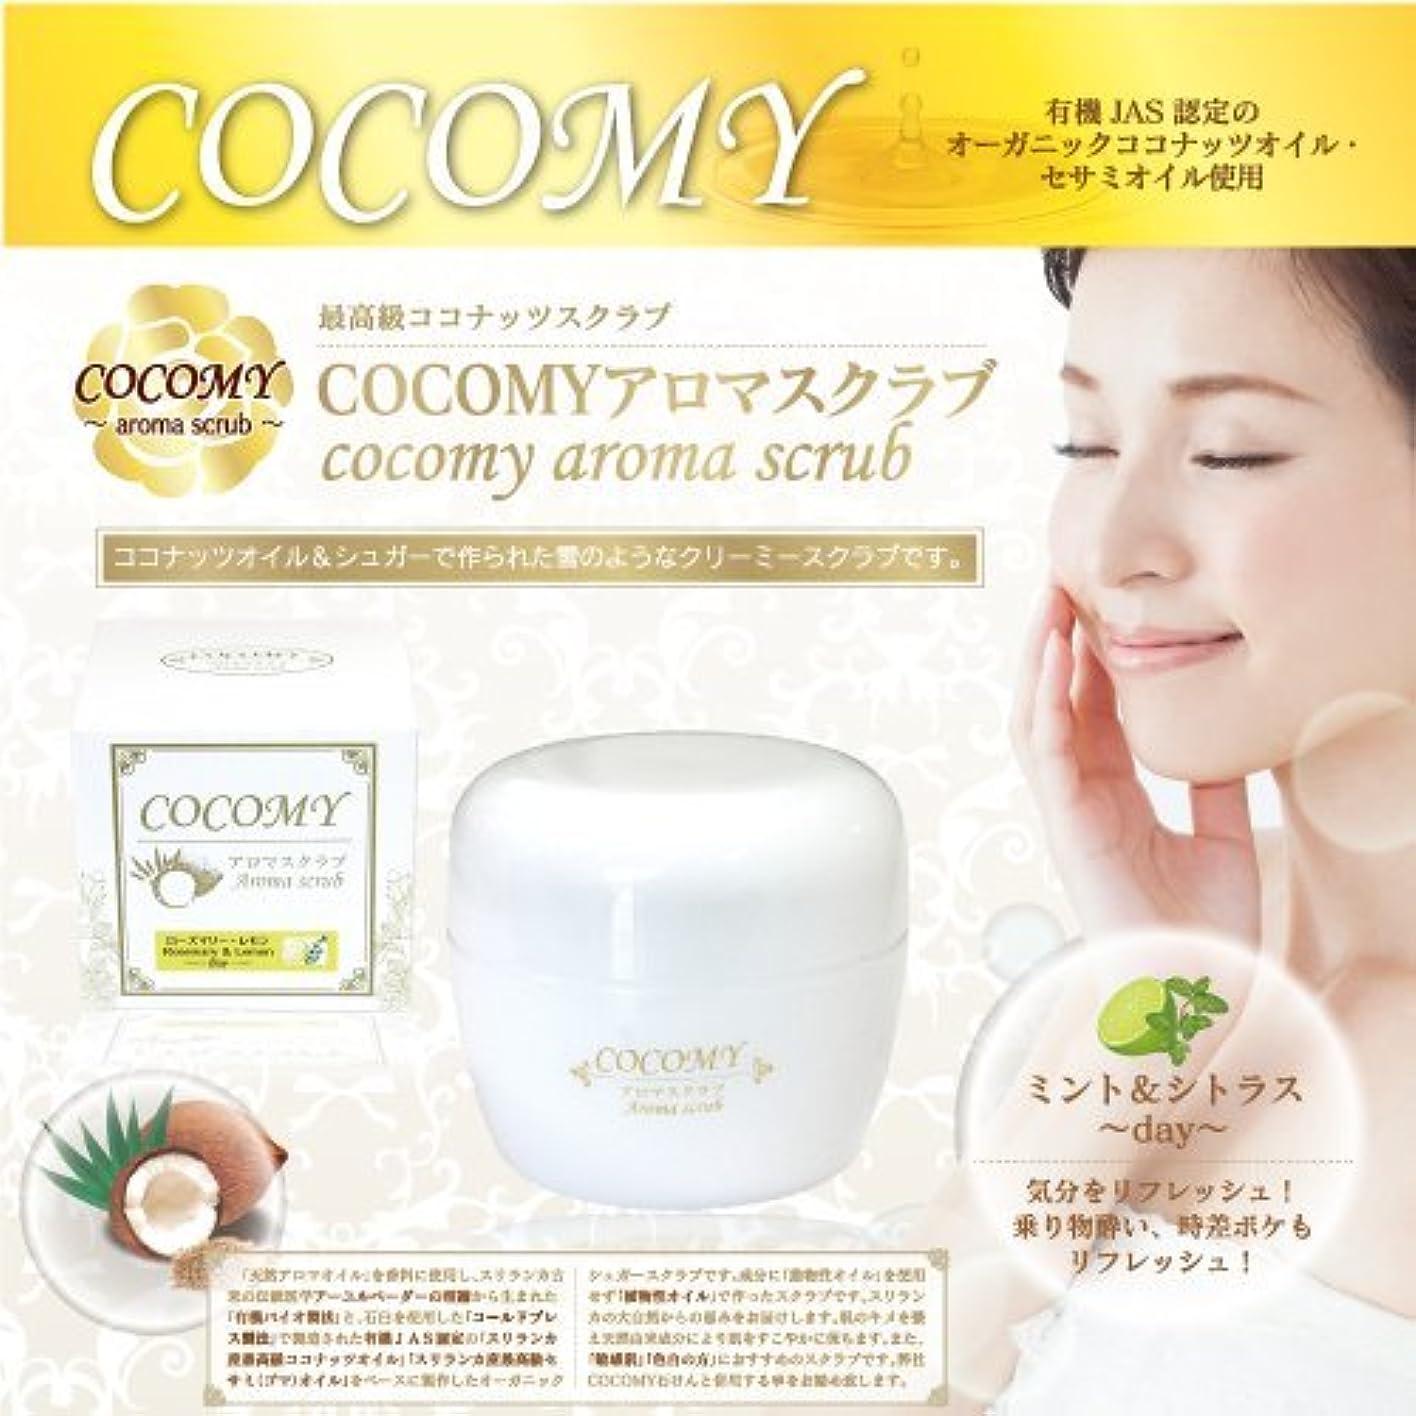 九時四十五分勧める感謝祭COCOMY aromaスクラブ (ミント&シトラス) 120g